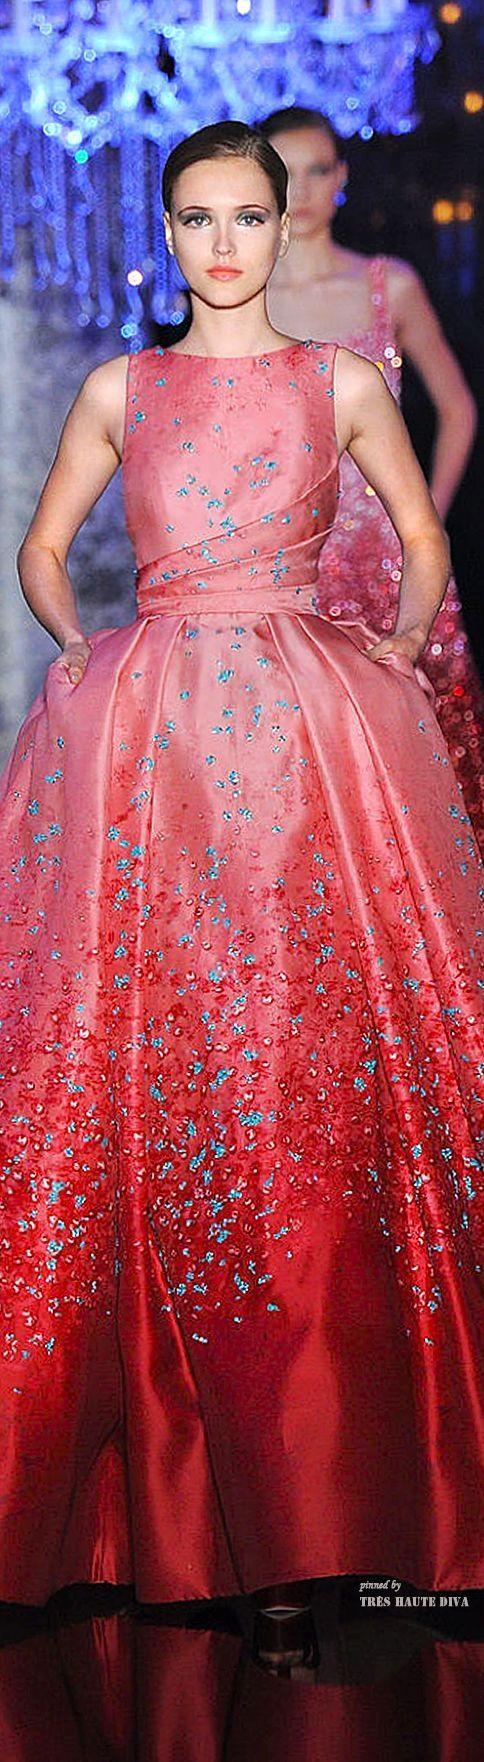 145 best Ball Gowns images on Pinterest | Dream dress, Tank dress ...